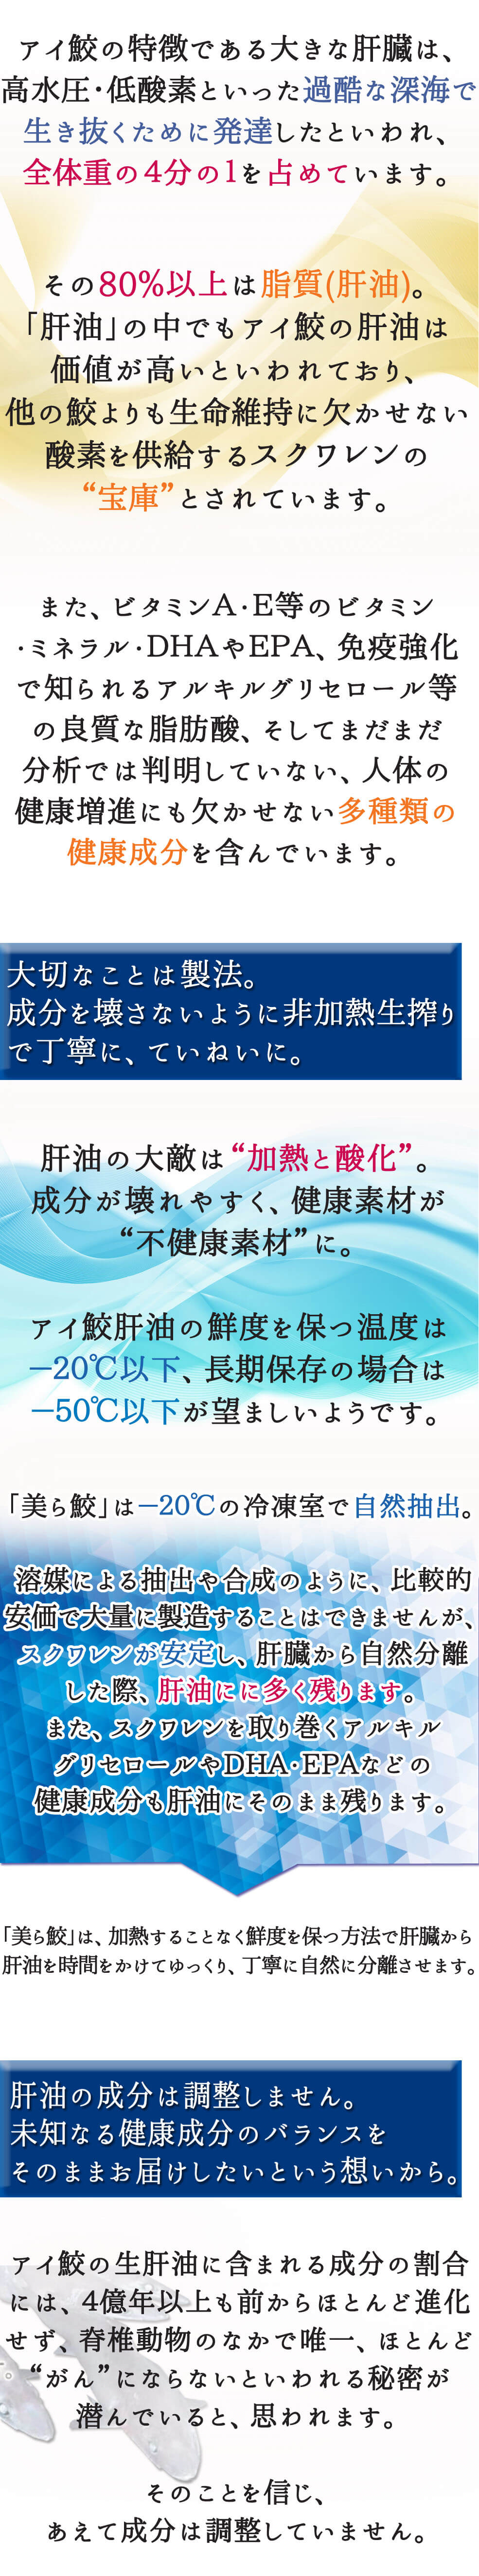 """アイ鮫の特徴である大きな肝臓は、高水圧・低酸素といった過酷な深海で生き抜くために発達したといわれ、全体重の4分の1を占めています。その80%以上は脂質(肝油)。「肝油」の中でもアイ鮫の肝油は価値が高いといわれており、他の鮫よりも生命維持に欠かせない酸素を供給するスクワレンの""""宝庫""""とされています。また、ビタミンA・E等のビタミン・ミネラル・DHAやEPA、免疫強化で知られるアルキルグリセロール等の良質な脂肪酸、そしてまだまだ分析では判明していない、人体の健康増進にも欠かせない多種類の健康成分を含んでいます。①大切なことは製法。成分を壊さないように非加熱生搾り で丁寧に、ていねいに。肝油の大敵は""""加熱と酸化""""。成分が壊れやすく、健康素材が """"不健康素材""""に。アイ鮫肝油の鮮度を保つ温度は-20℃以下、長期保存の場合は-50℃以下が望ましいようです。「美ら鮫」は-20℃の冷凍室で自然抽出。溶媒による抽出や合成のように、比較的安価で大量に製造することはできませんが、スクワレンが安定し、肝臓から自然分離した際、肝油にに多く残ります。また、スクワレンを取り巻くアルキル グリセロールやDHA・EPAなどの健康成分も肝油にそのまま残ります。「美ら鮫」は、加熱することなく鮮度を保つ方法で肝臓から肝油を時間をかけてゆっくり、丁寧に自然に分離させます。②肝油の成分は調整しません。未知なる健康成分のバランスをそのままお届けしたいという想いから。アイ鮫の生肝油に含まれる成分の割合には、4億年以上も前からほとんど進化せず、脊椎動物のなかで唯一、ほぼ""""がん""""にならないといわれる秘密が潜んでいると思われます。そのことを信じ、あえて成分は調整していません。"""